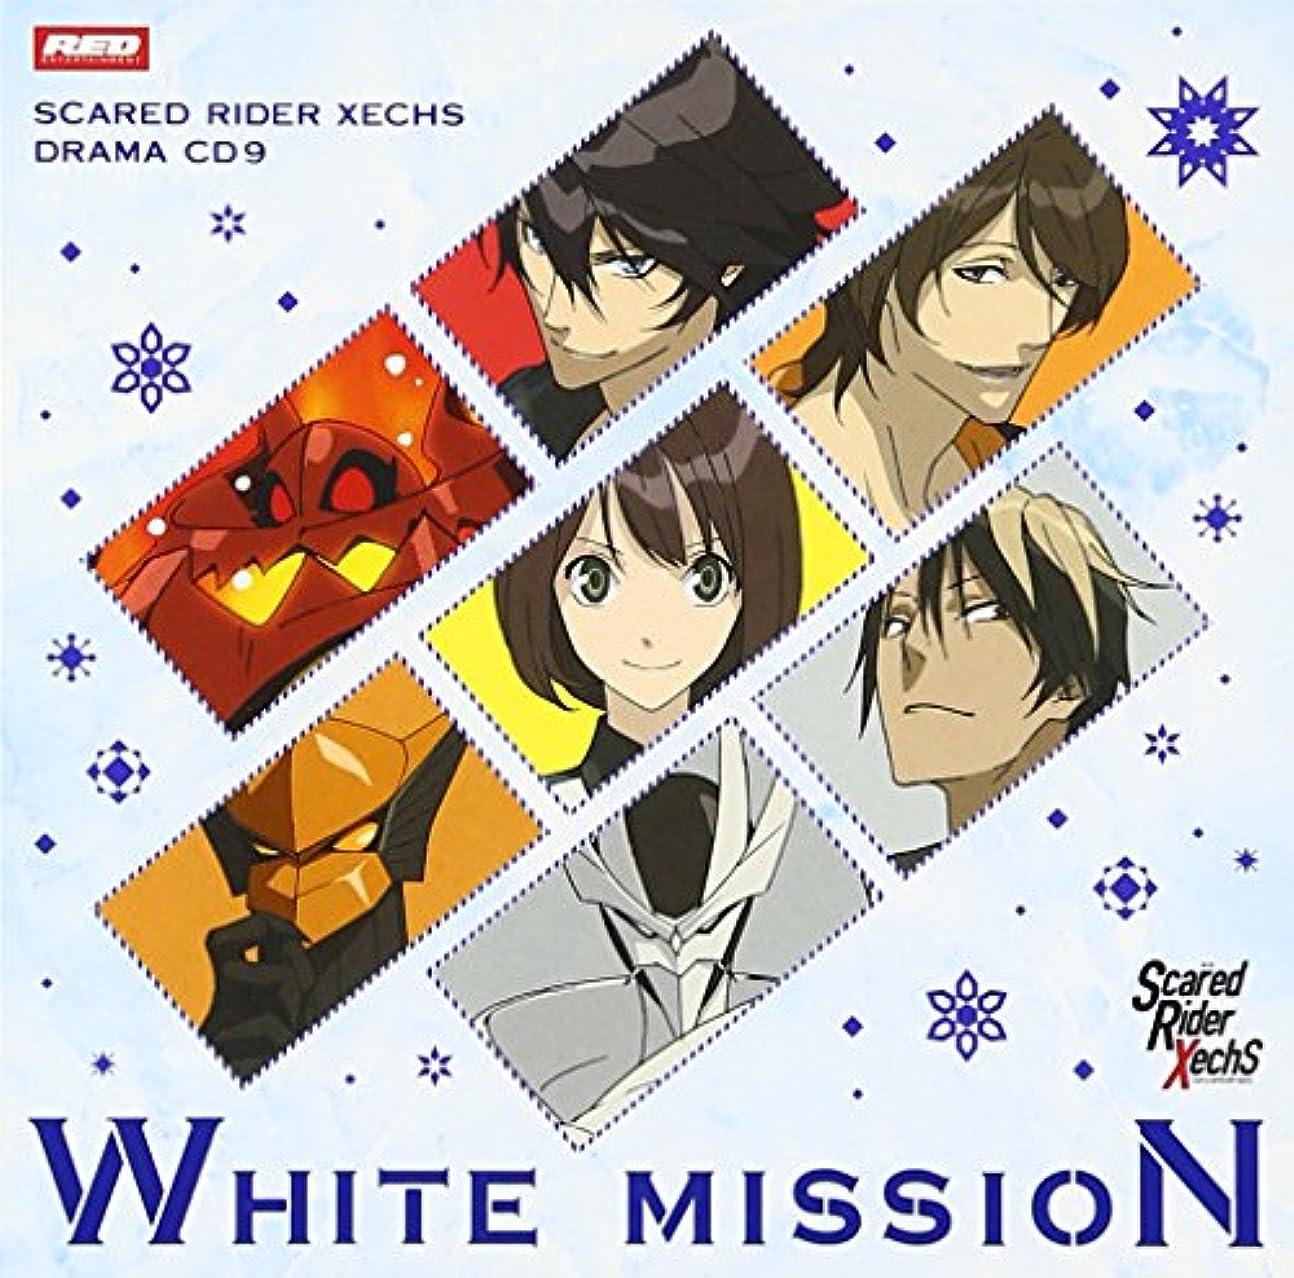 旅里親知らせるスカーレッドライダーゼクス ドラマCD9「ホワイト?ミッション」